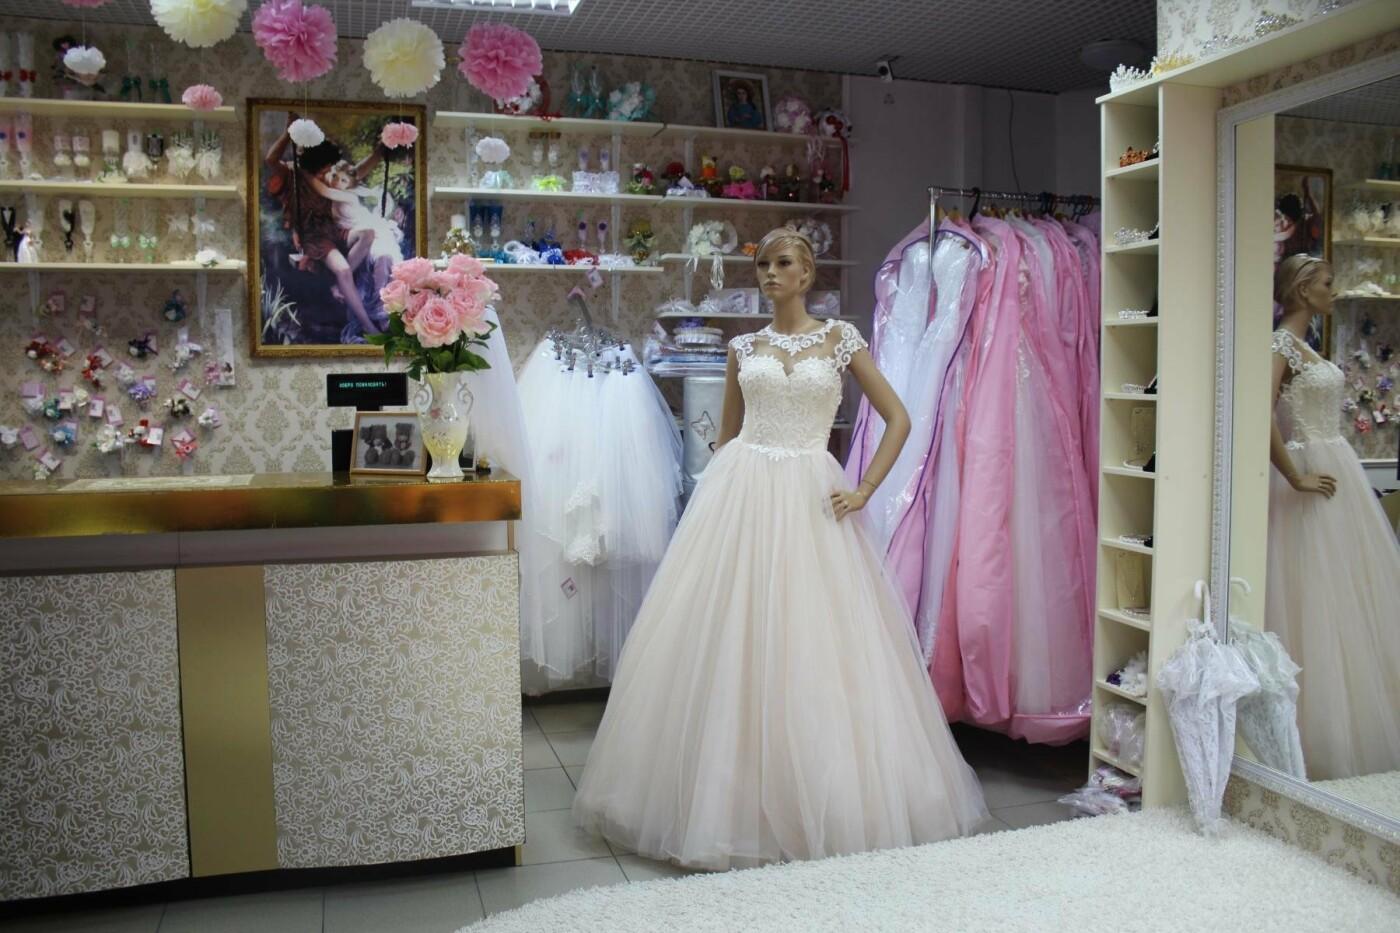 Выбираем платье мечты. Семь важных советов для будущей невесты, фото-10